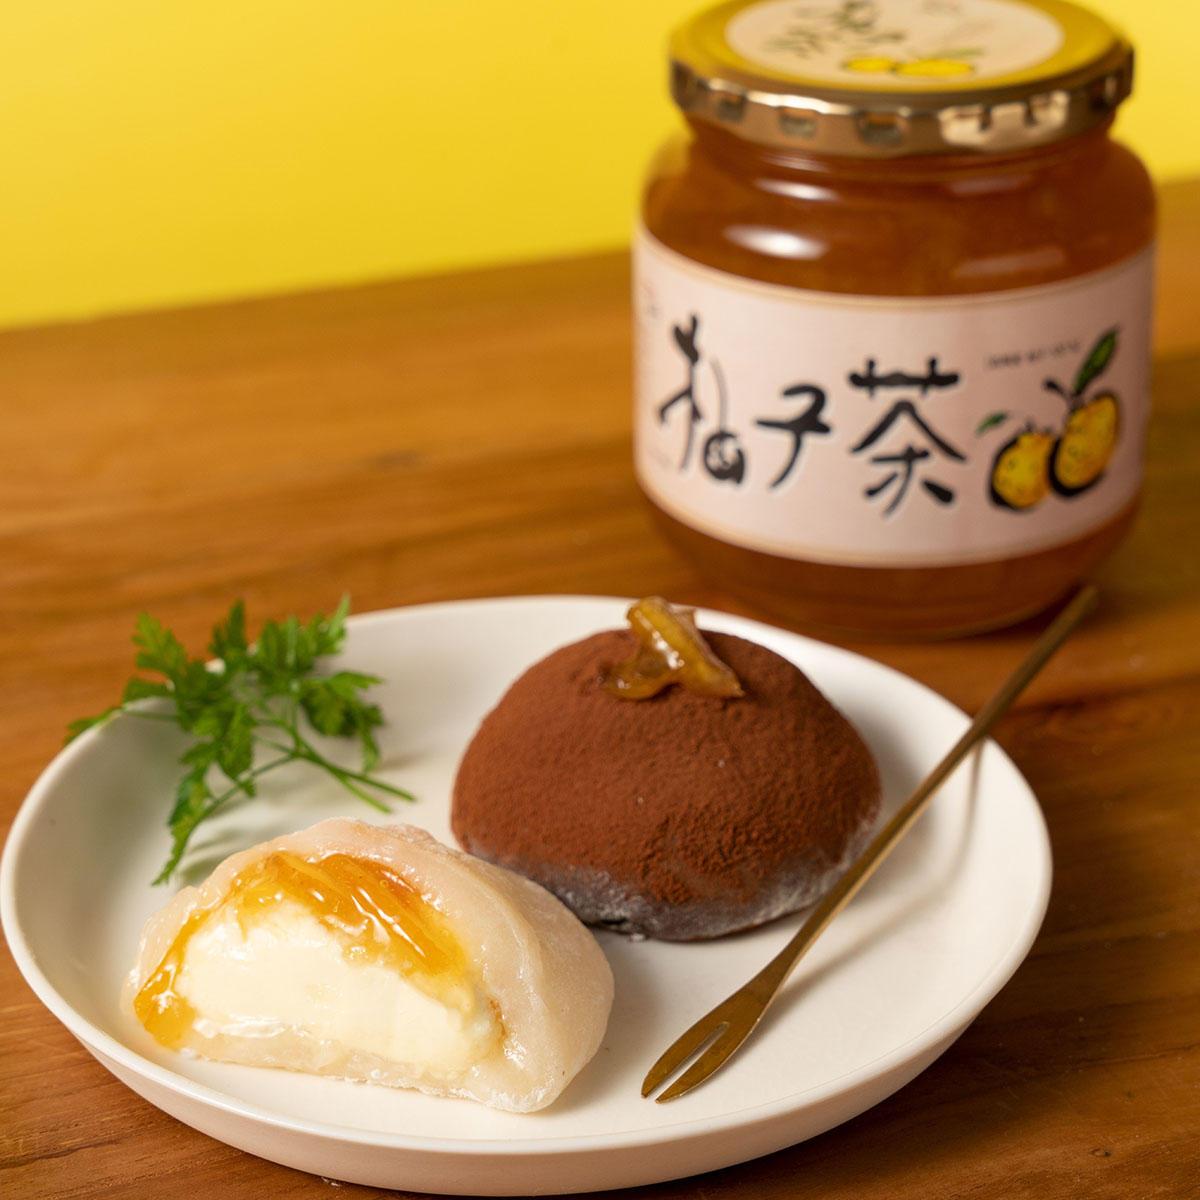 ゆず茶クリームチーズ大福_メイン